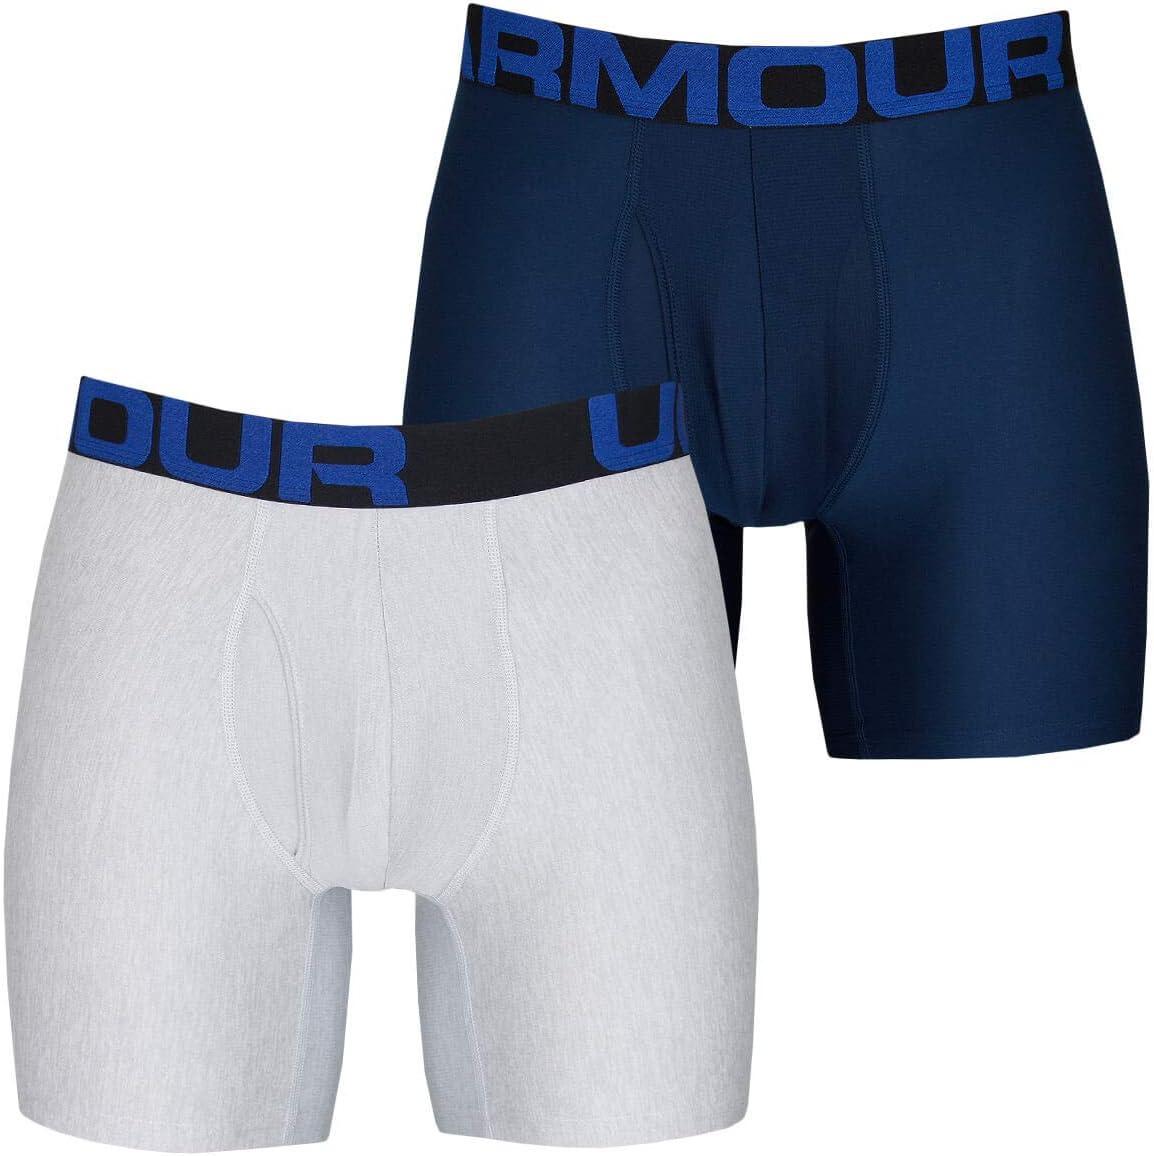 Da Uomo Under Armour Tech 6 Boxerjock 2 PACK IN BLU-Taglio aderente-materiale